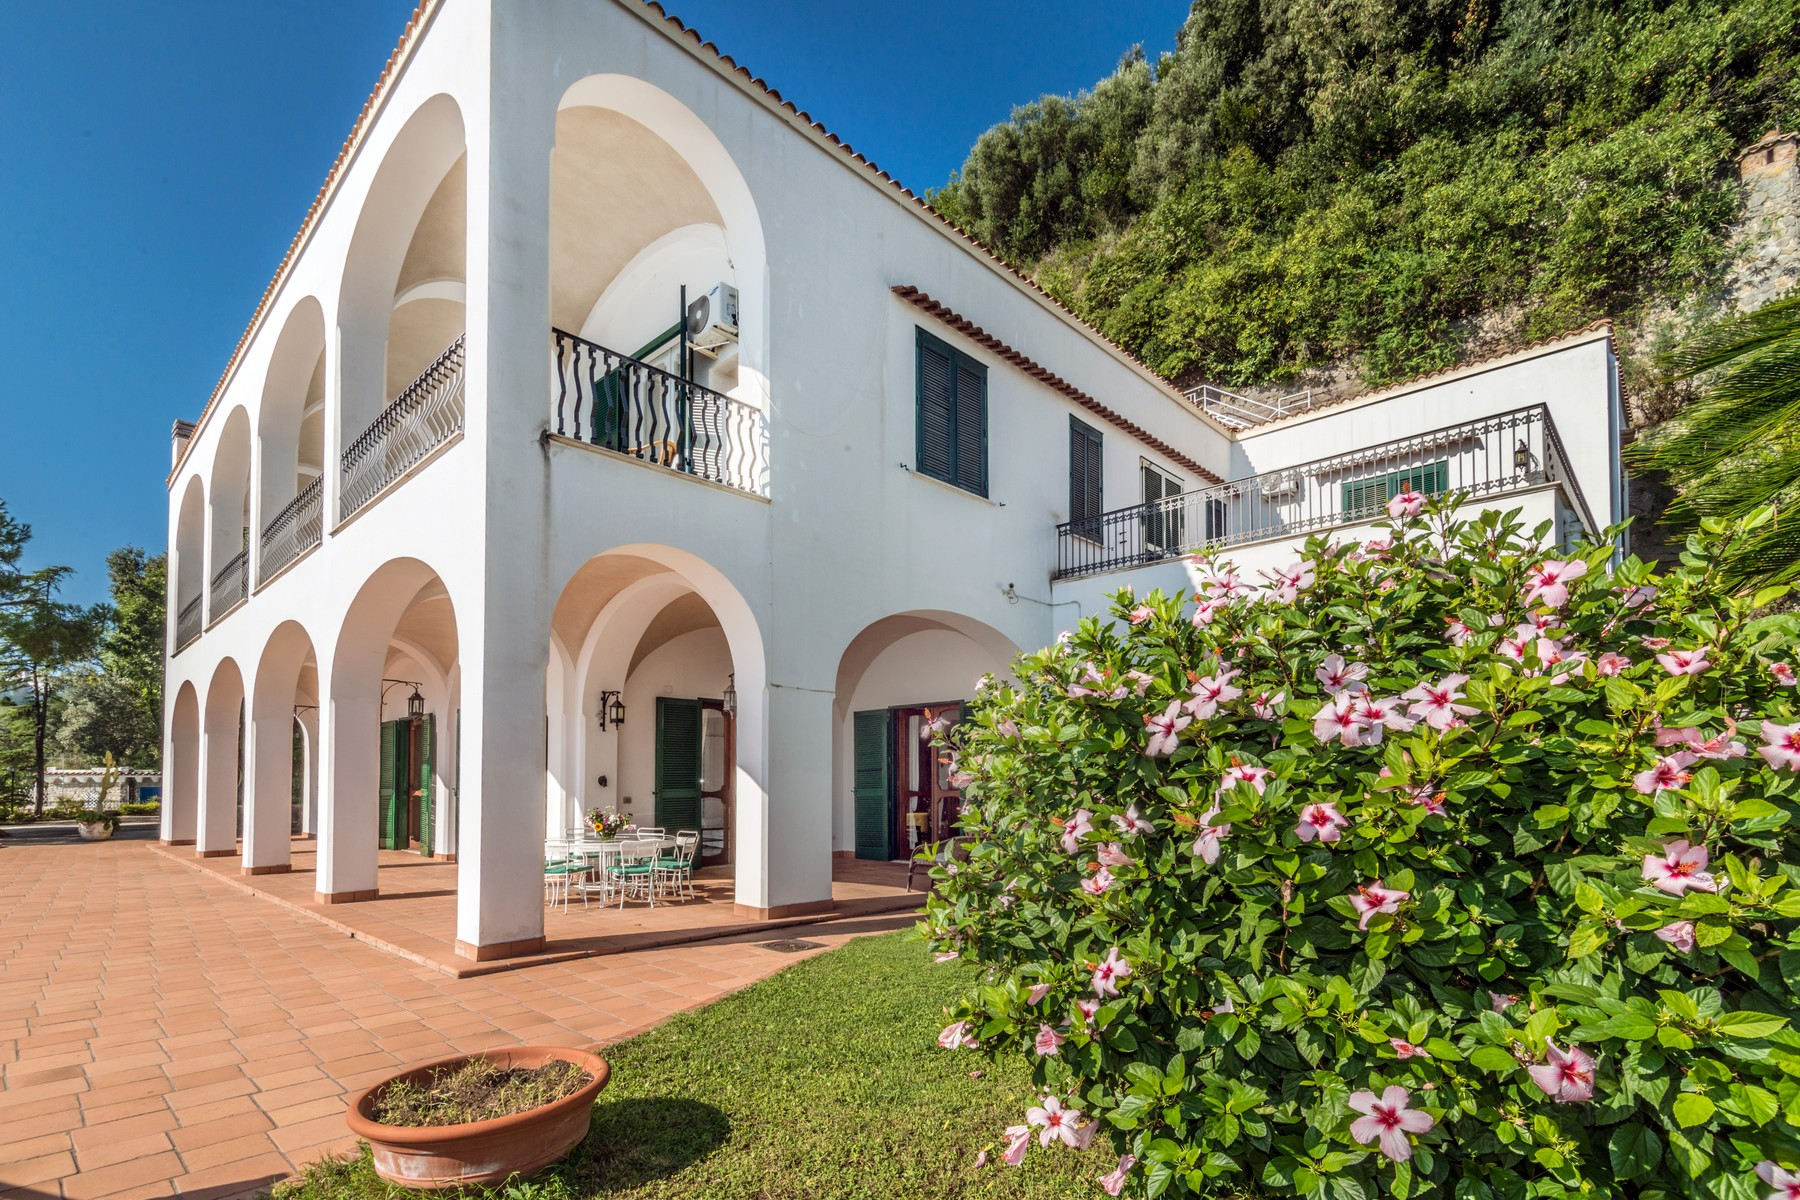 Additional photo for property listing at Unique seafront villa on the Amalfi Coast Vietri sul Mare Vietri Sul Mare, Salerno 84019 Italien